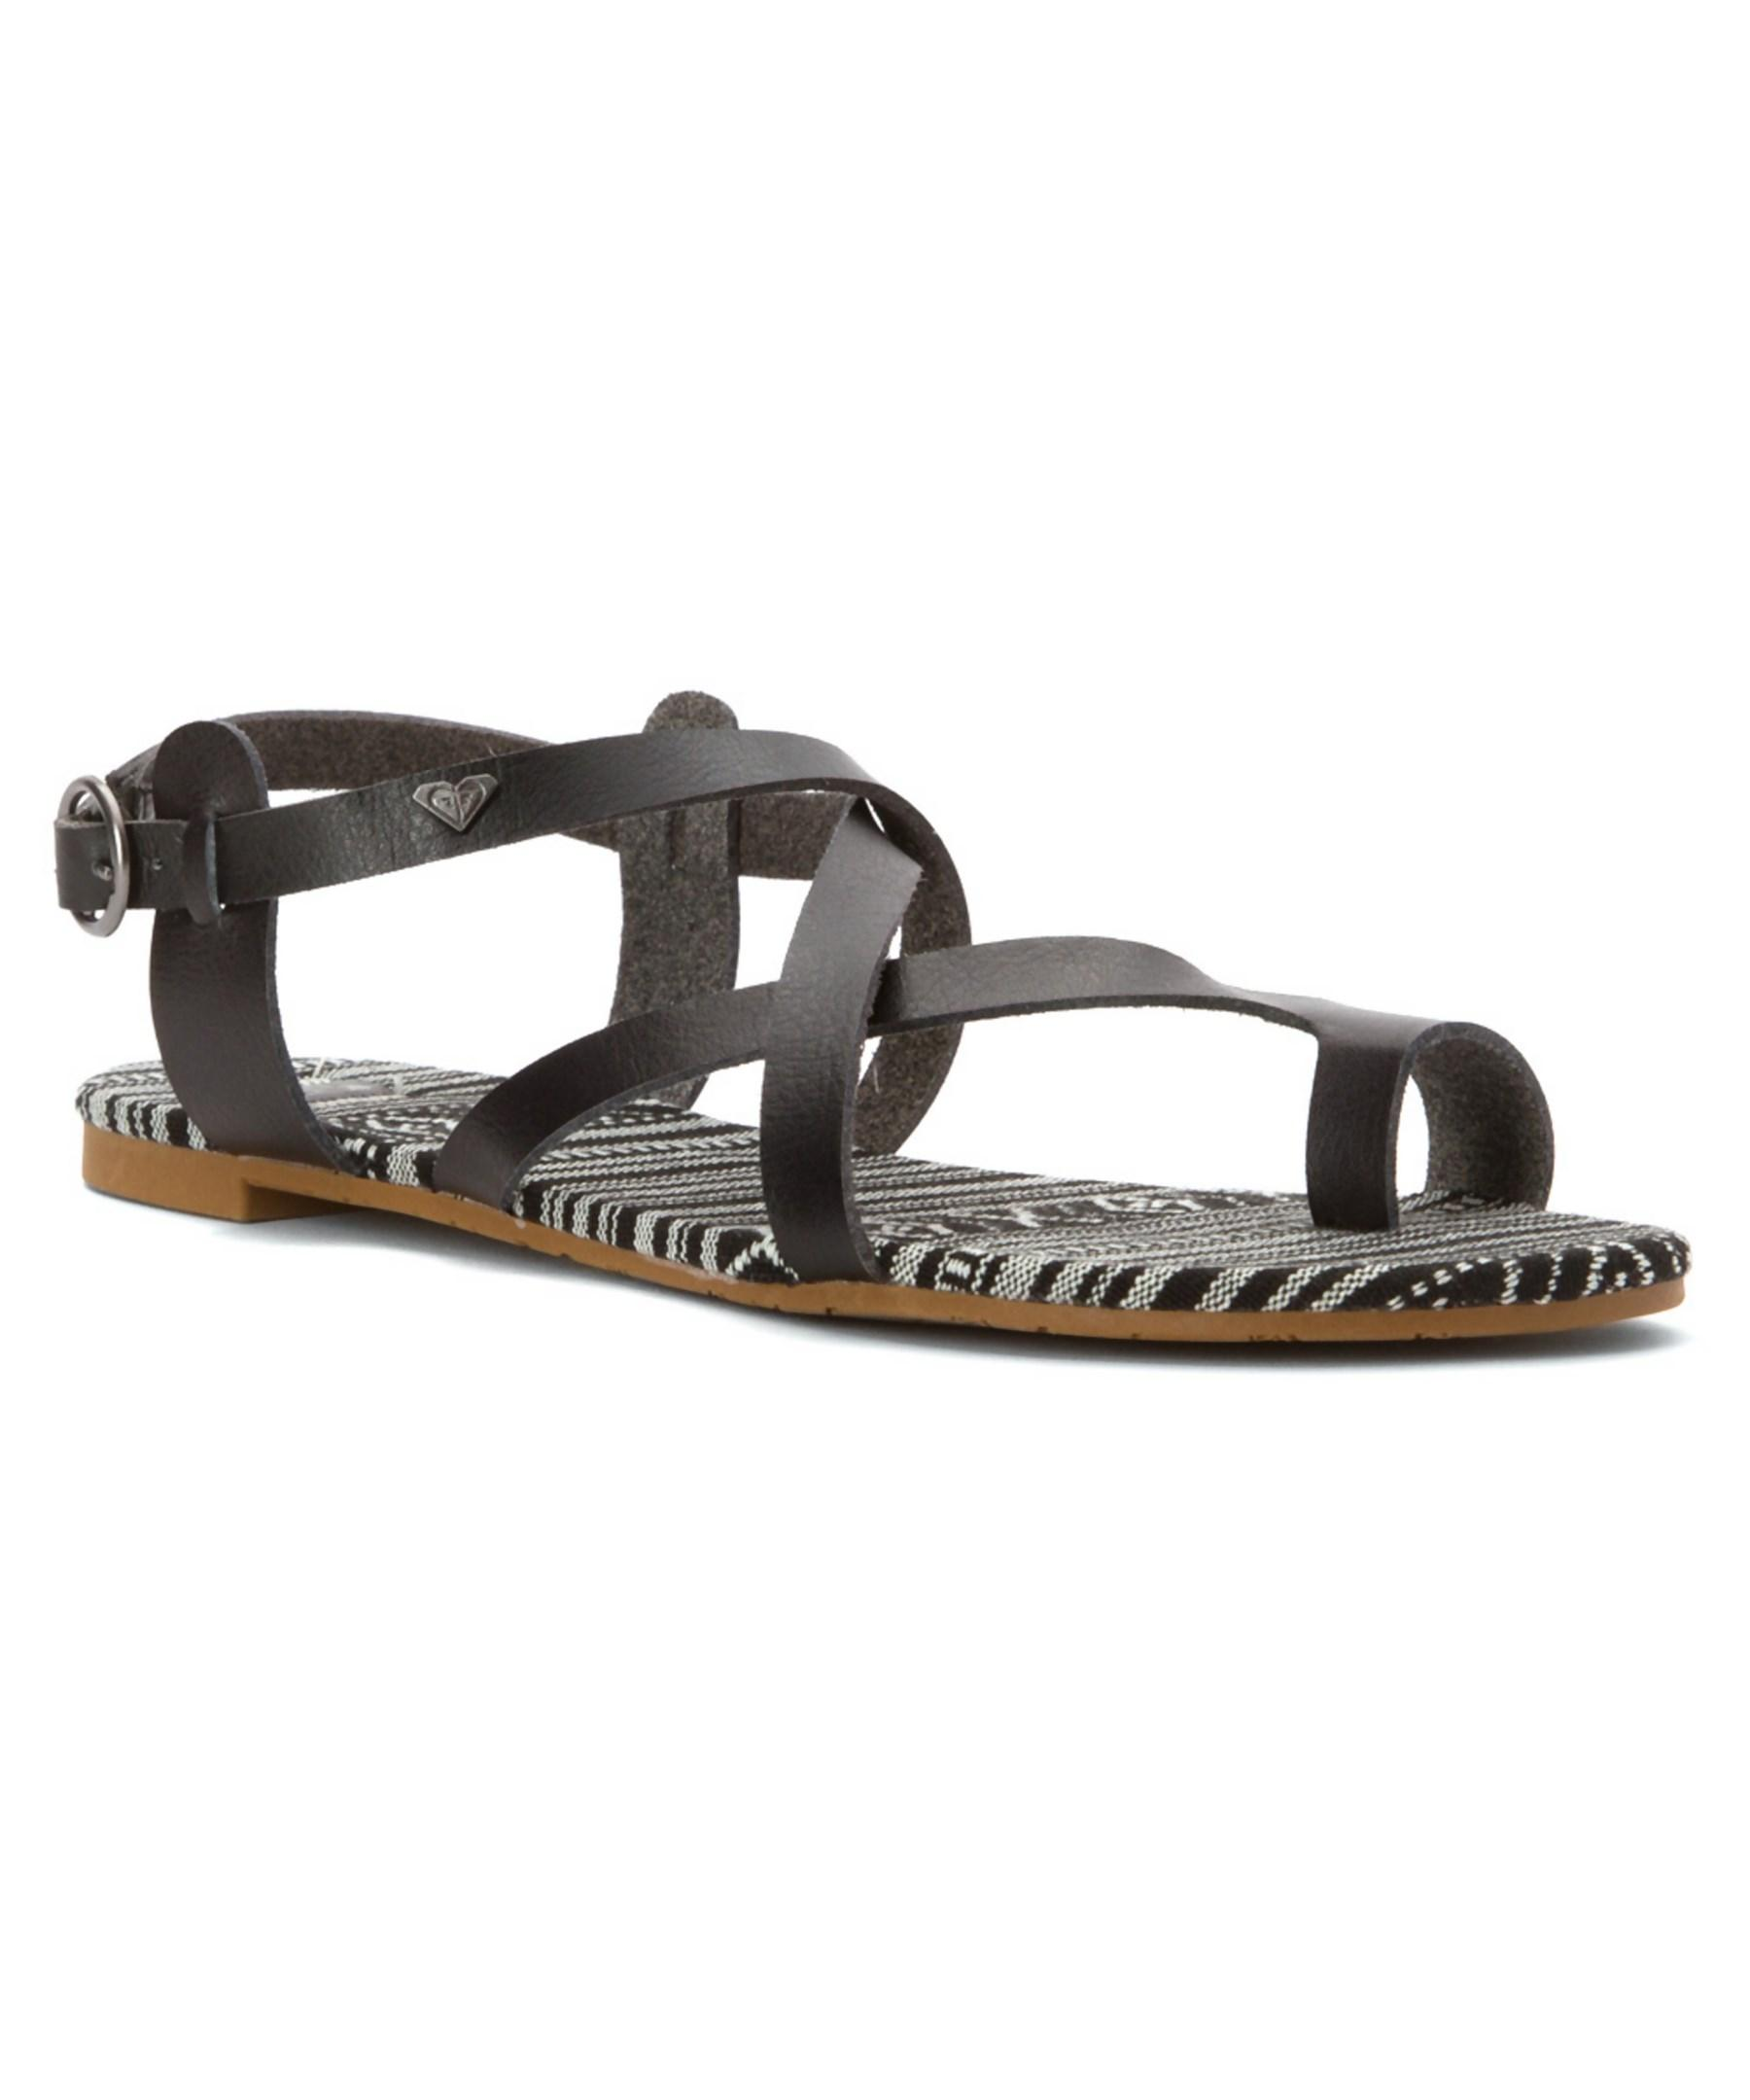 Roxy Women S Marrakech Sandals In Black Lyst